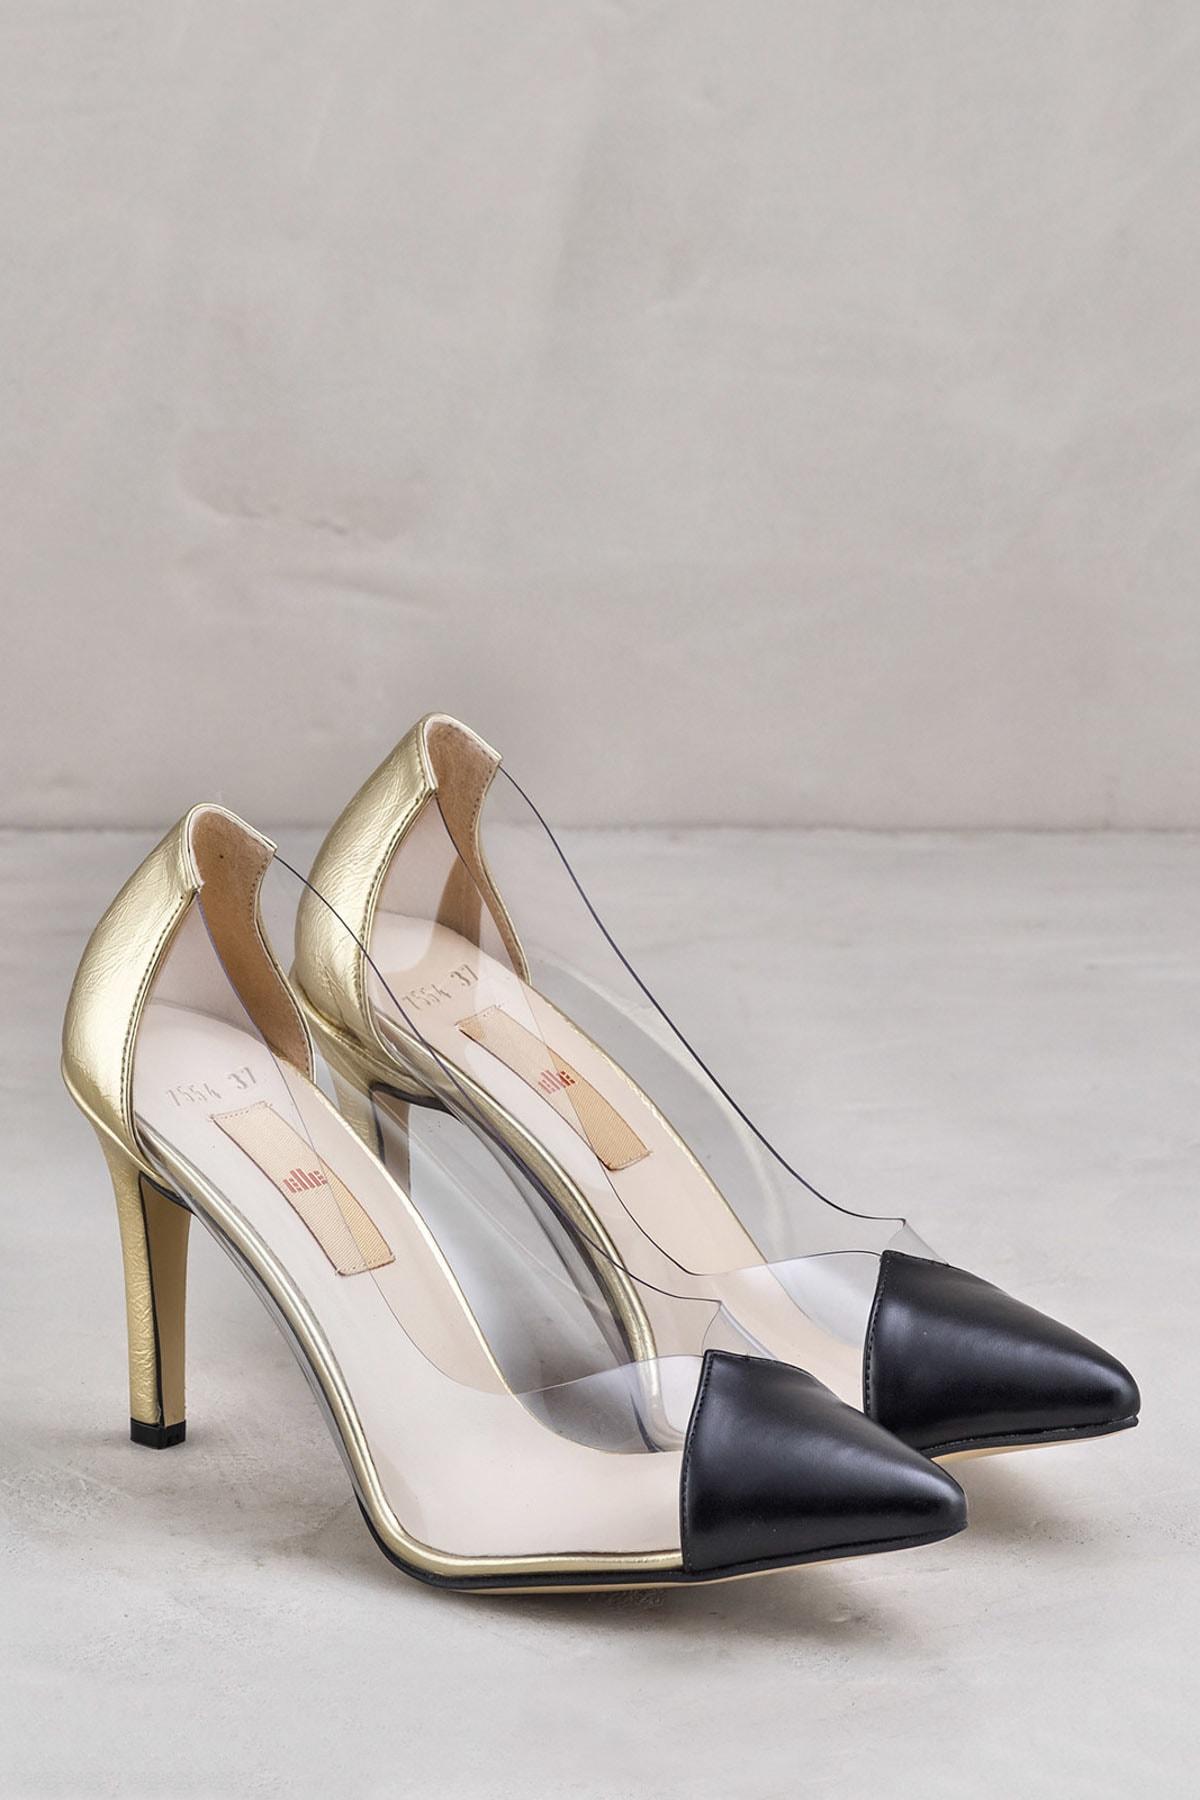 Elle Shoes ADULIA Siyah Altın Kadın Topuklu Ayakkabı 2